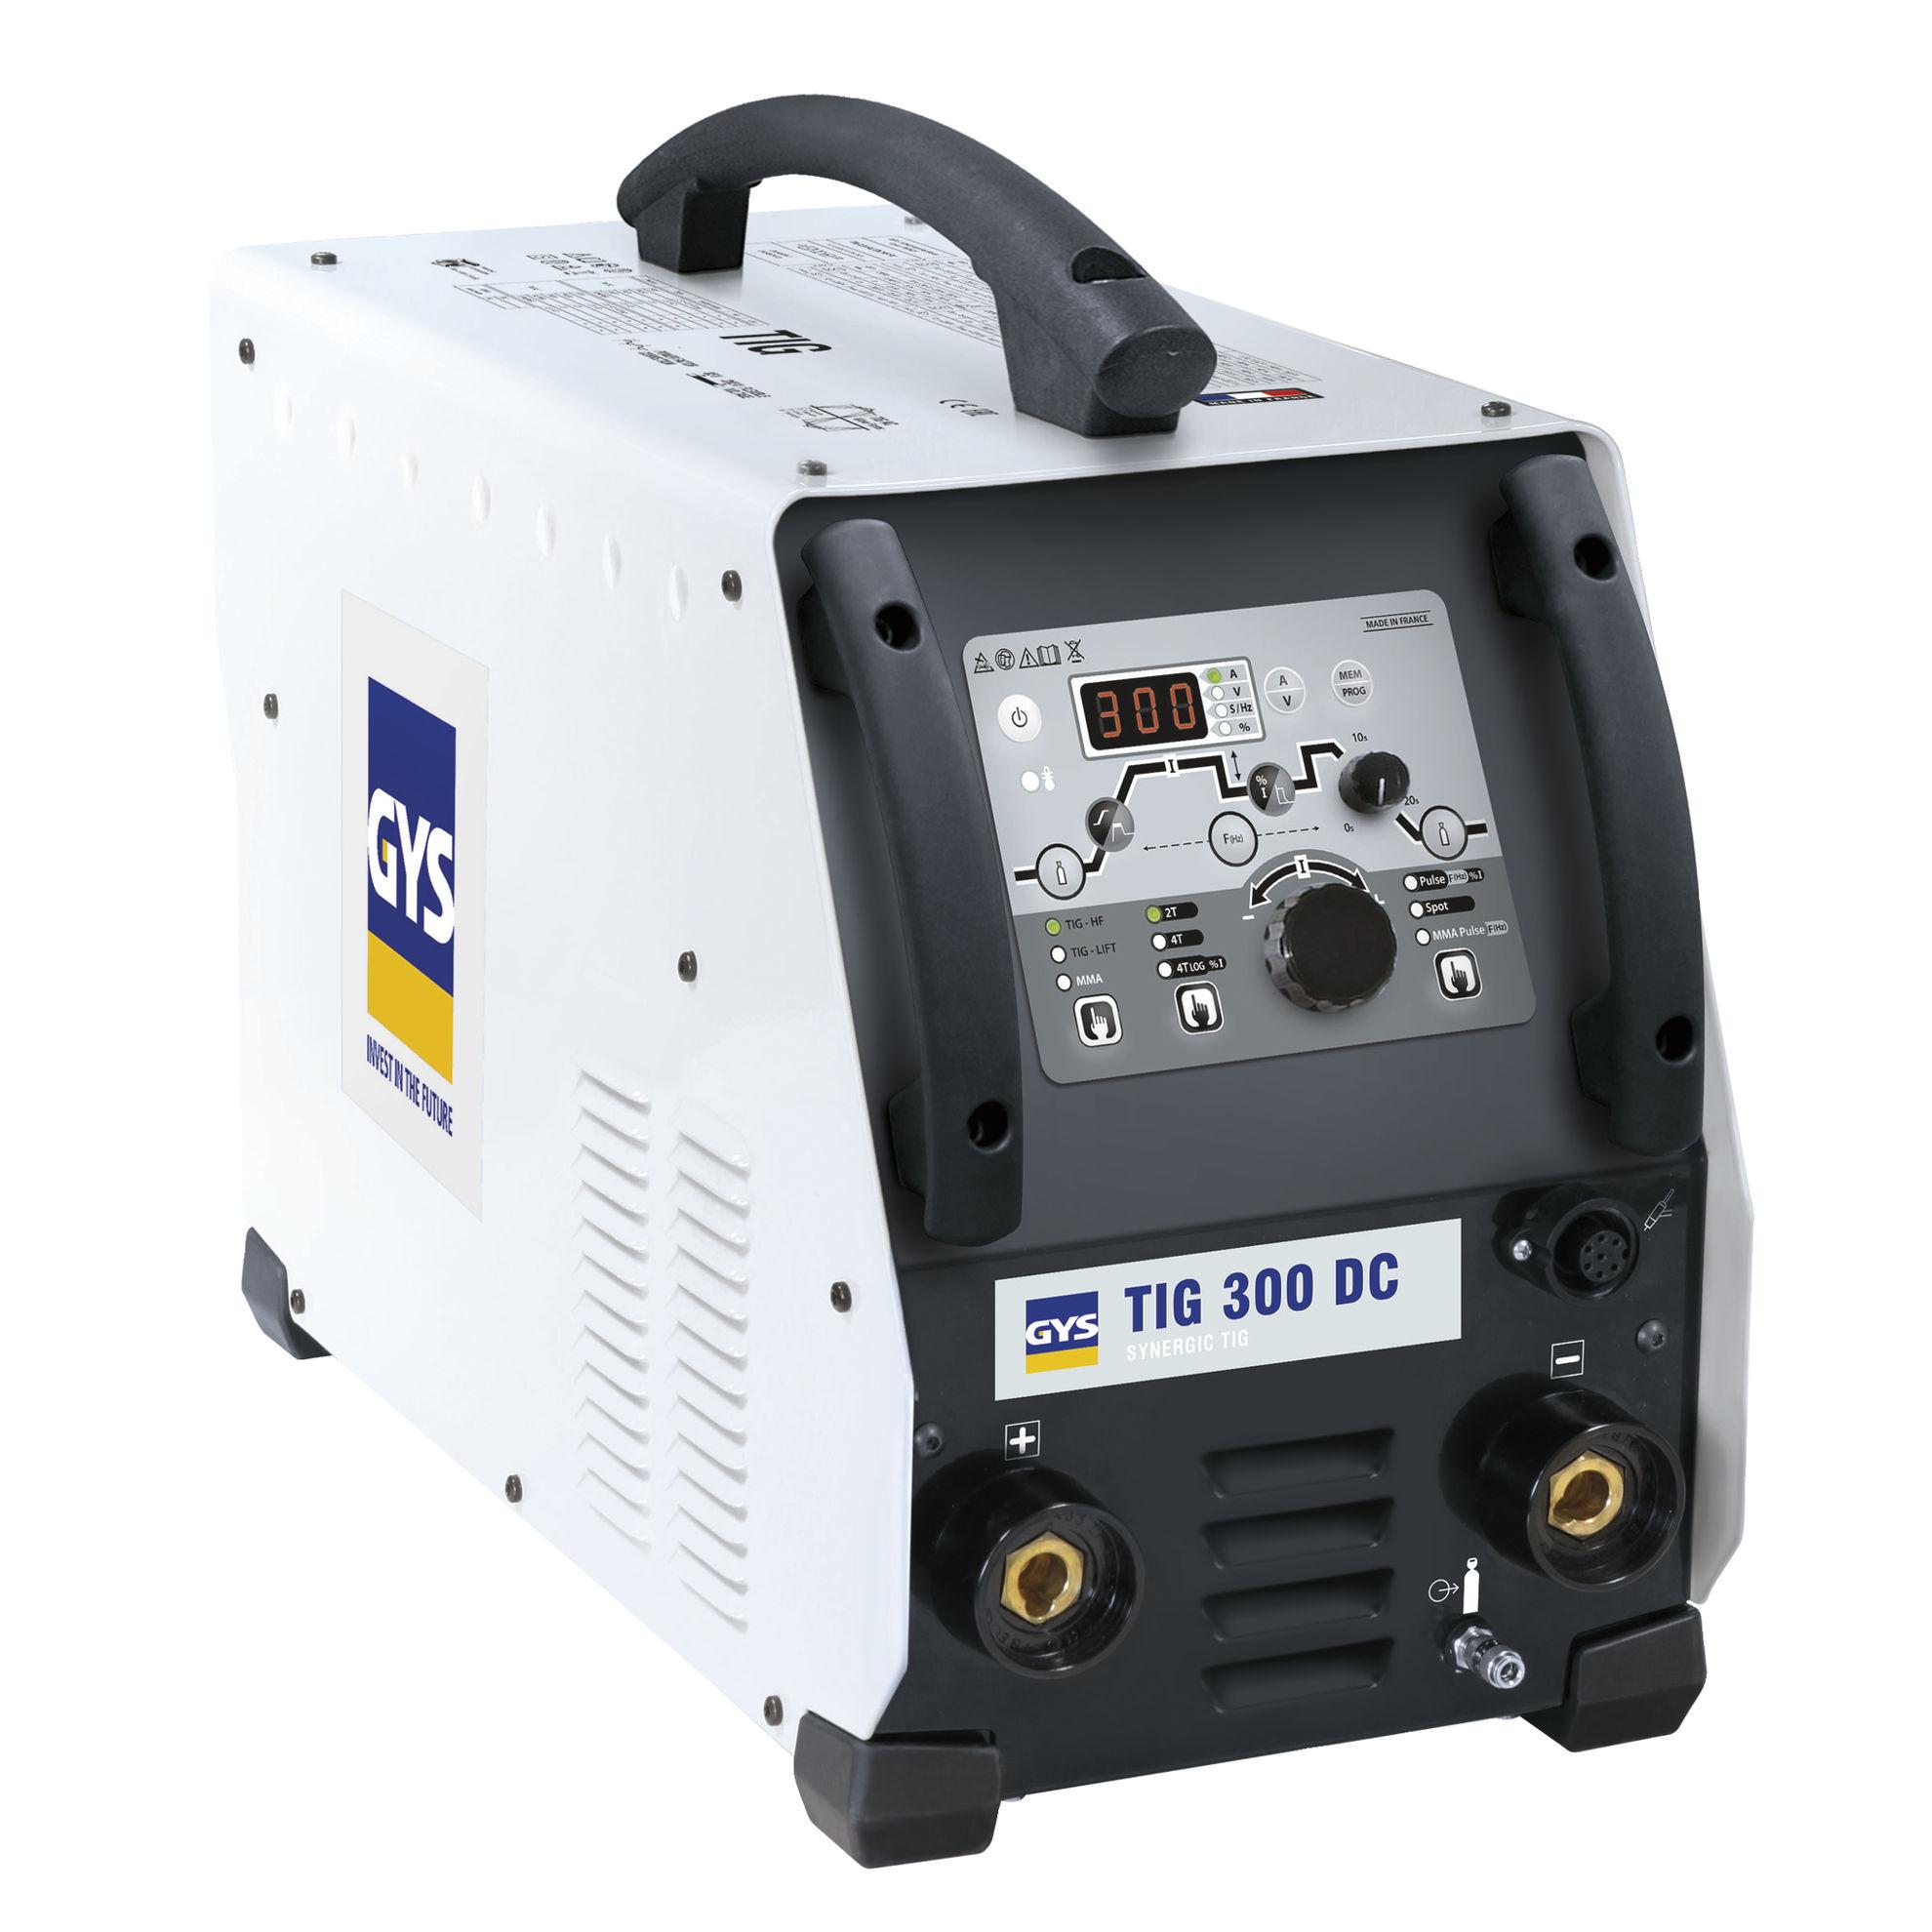 Slika Varilni aparat GYS, TIG300 DC HF, brez opreme